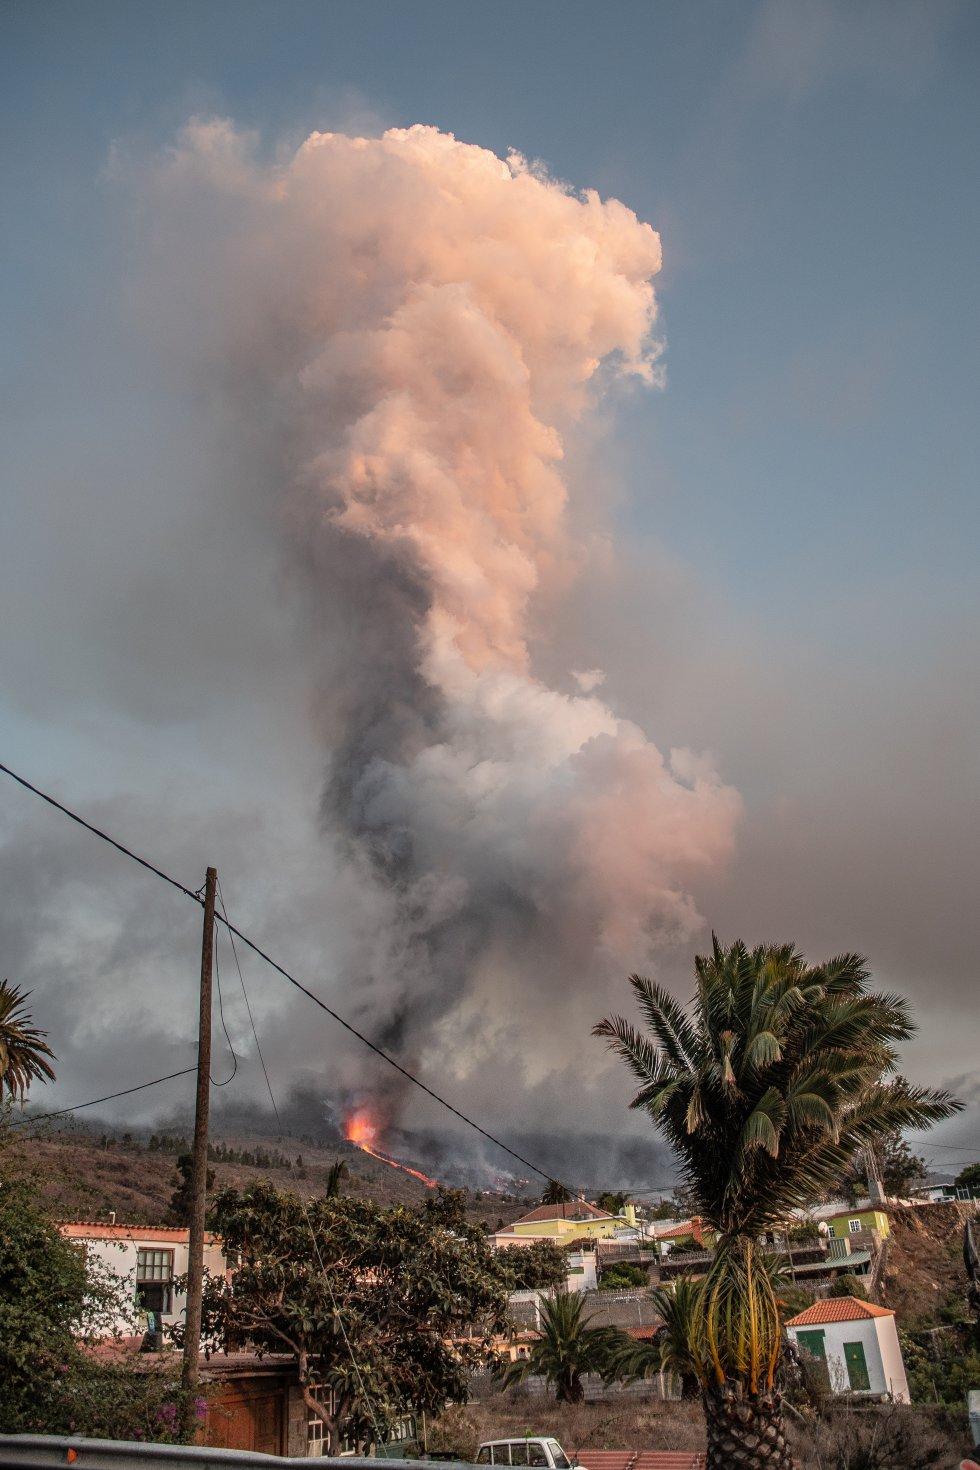 El nuevo volcán de La Palma ha entrado en erupción este domingo a las 15.12 horas en Montaña Rajada en el municipio de El Paso. Un pequeño terremoto precedió, en el barrio de Las Manchas del municipio palmero de El Paso, a una gran explosión a la que le siguió una enorme columna de humo y la expulsión de piroclastos.